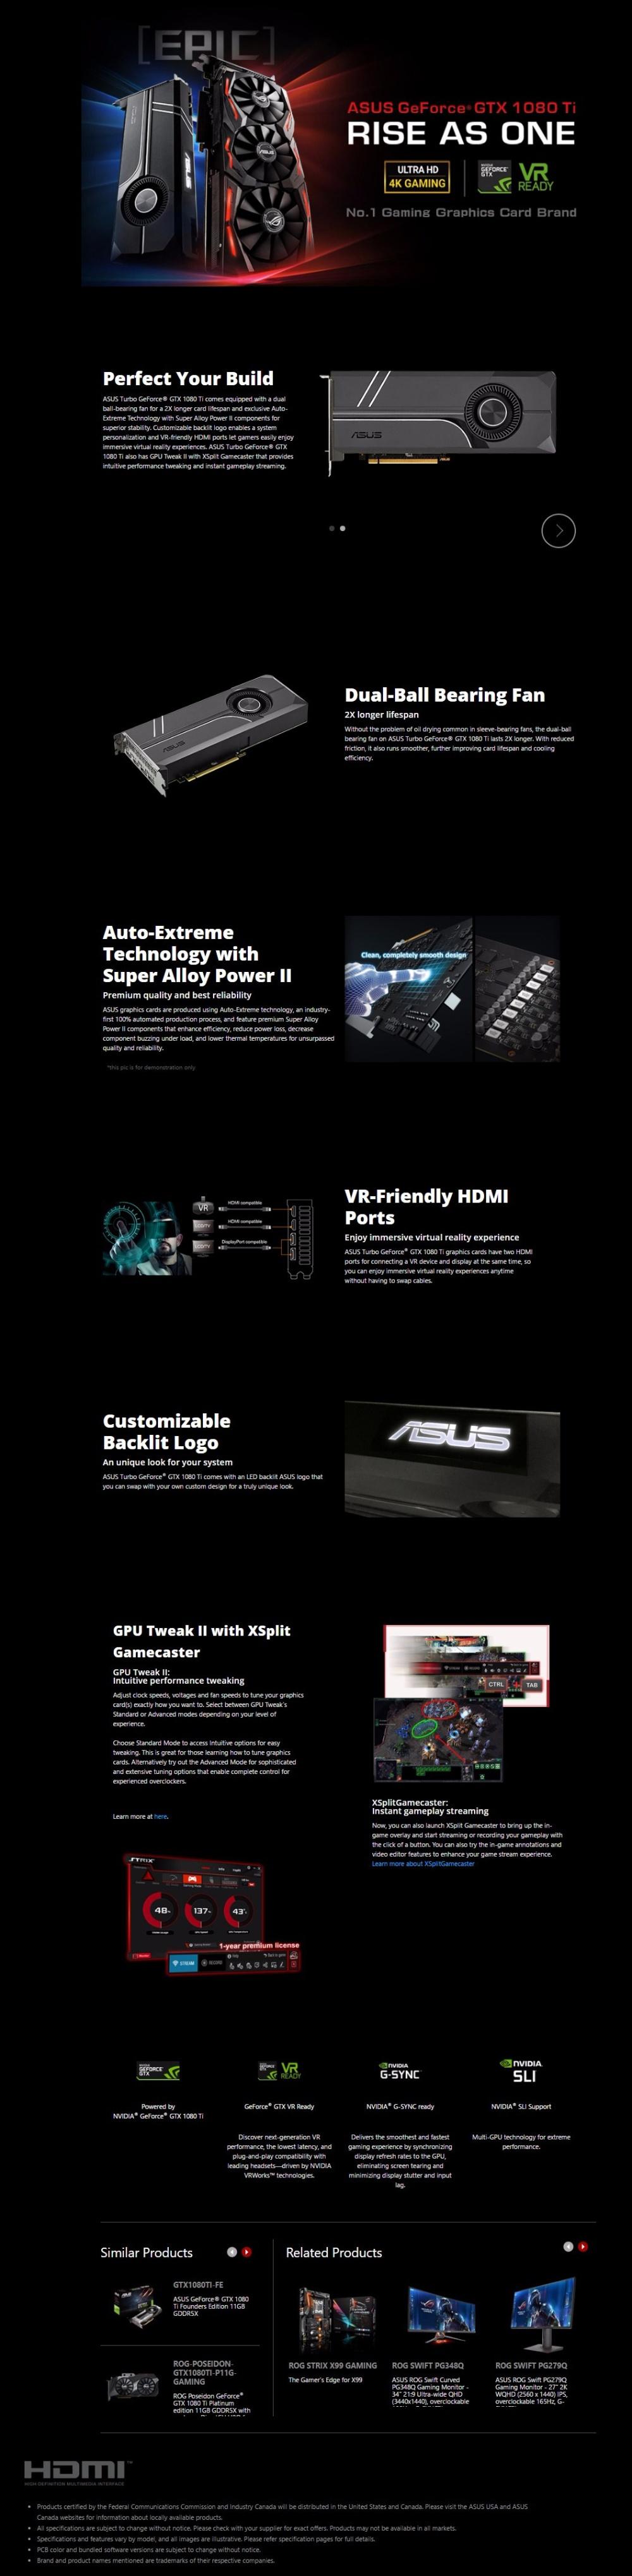 Buy ROG Strix GeForce GTX 1080 Ti OC edition 11GB GDDR5X with Aura Sync RGB  for best VR & 4K gaming Singapore